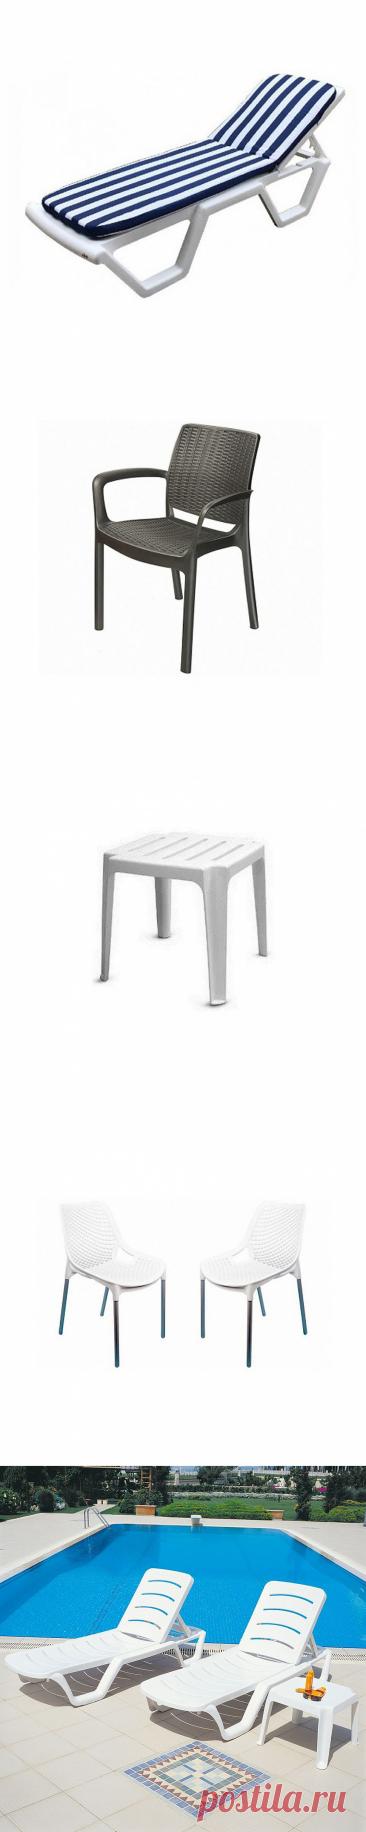 Хит летних продаж - уличная мебель из ДПК и пластика!